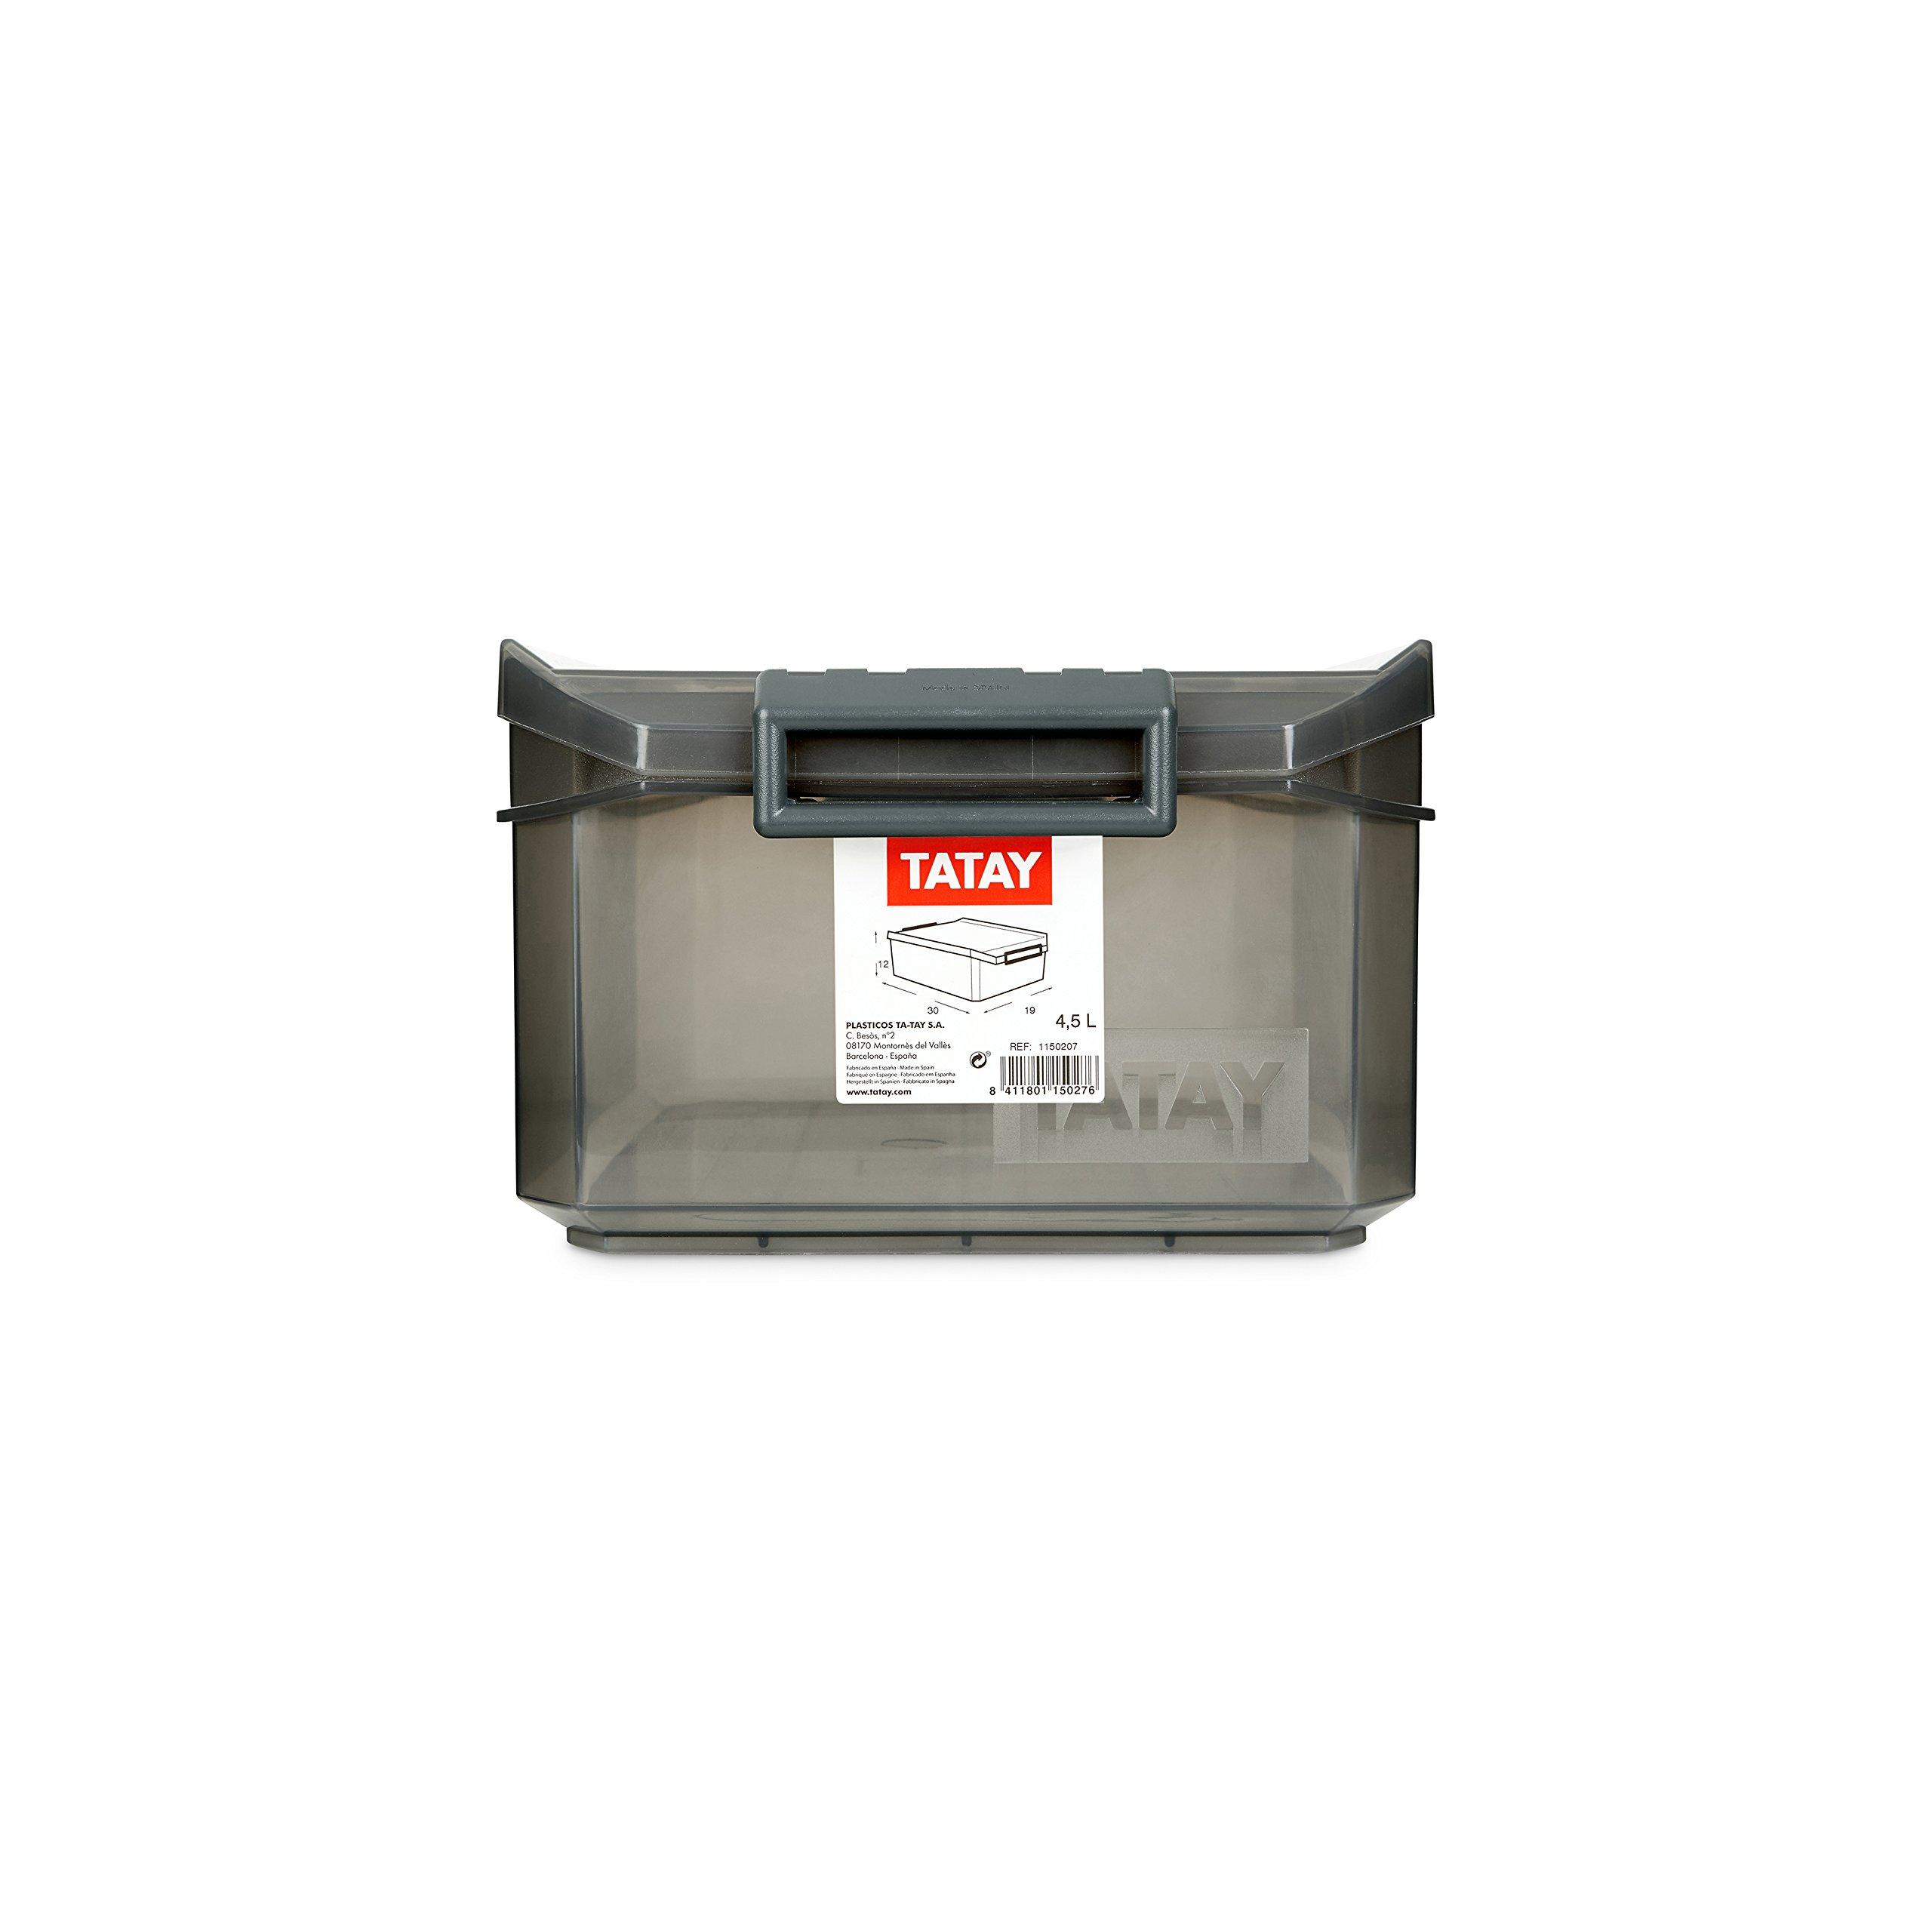 Tatay 1150214 Caja de Almacenamiento Multiusos con Tapa 4.5l de ...